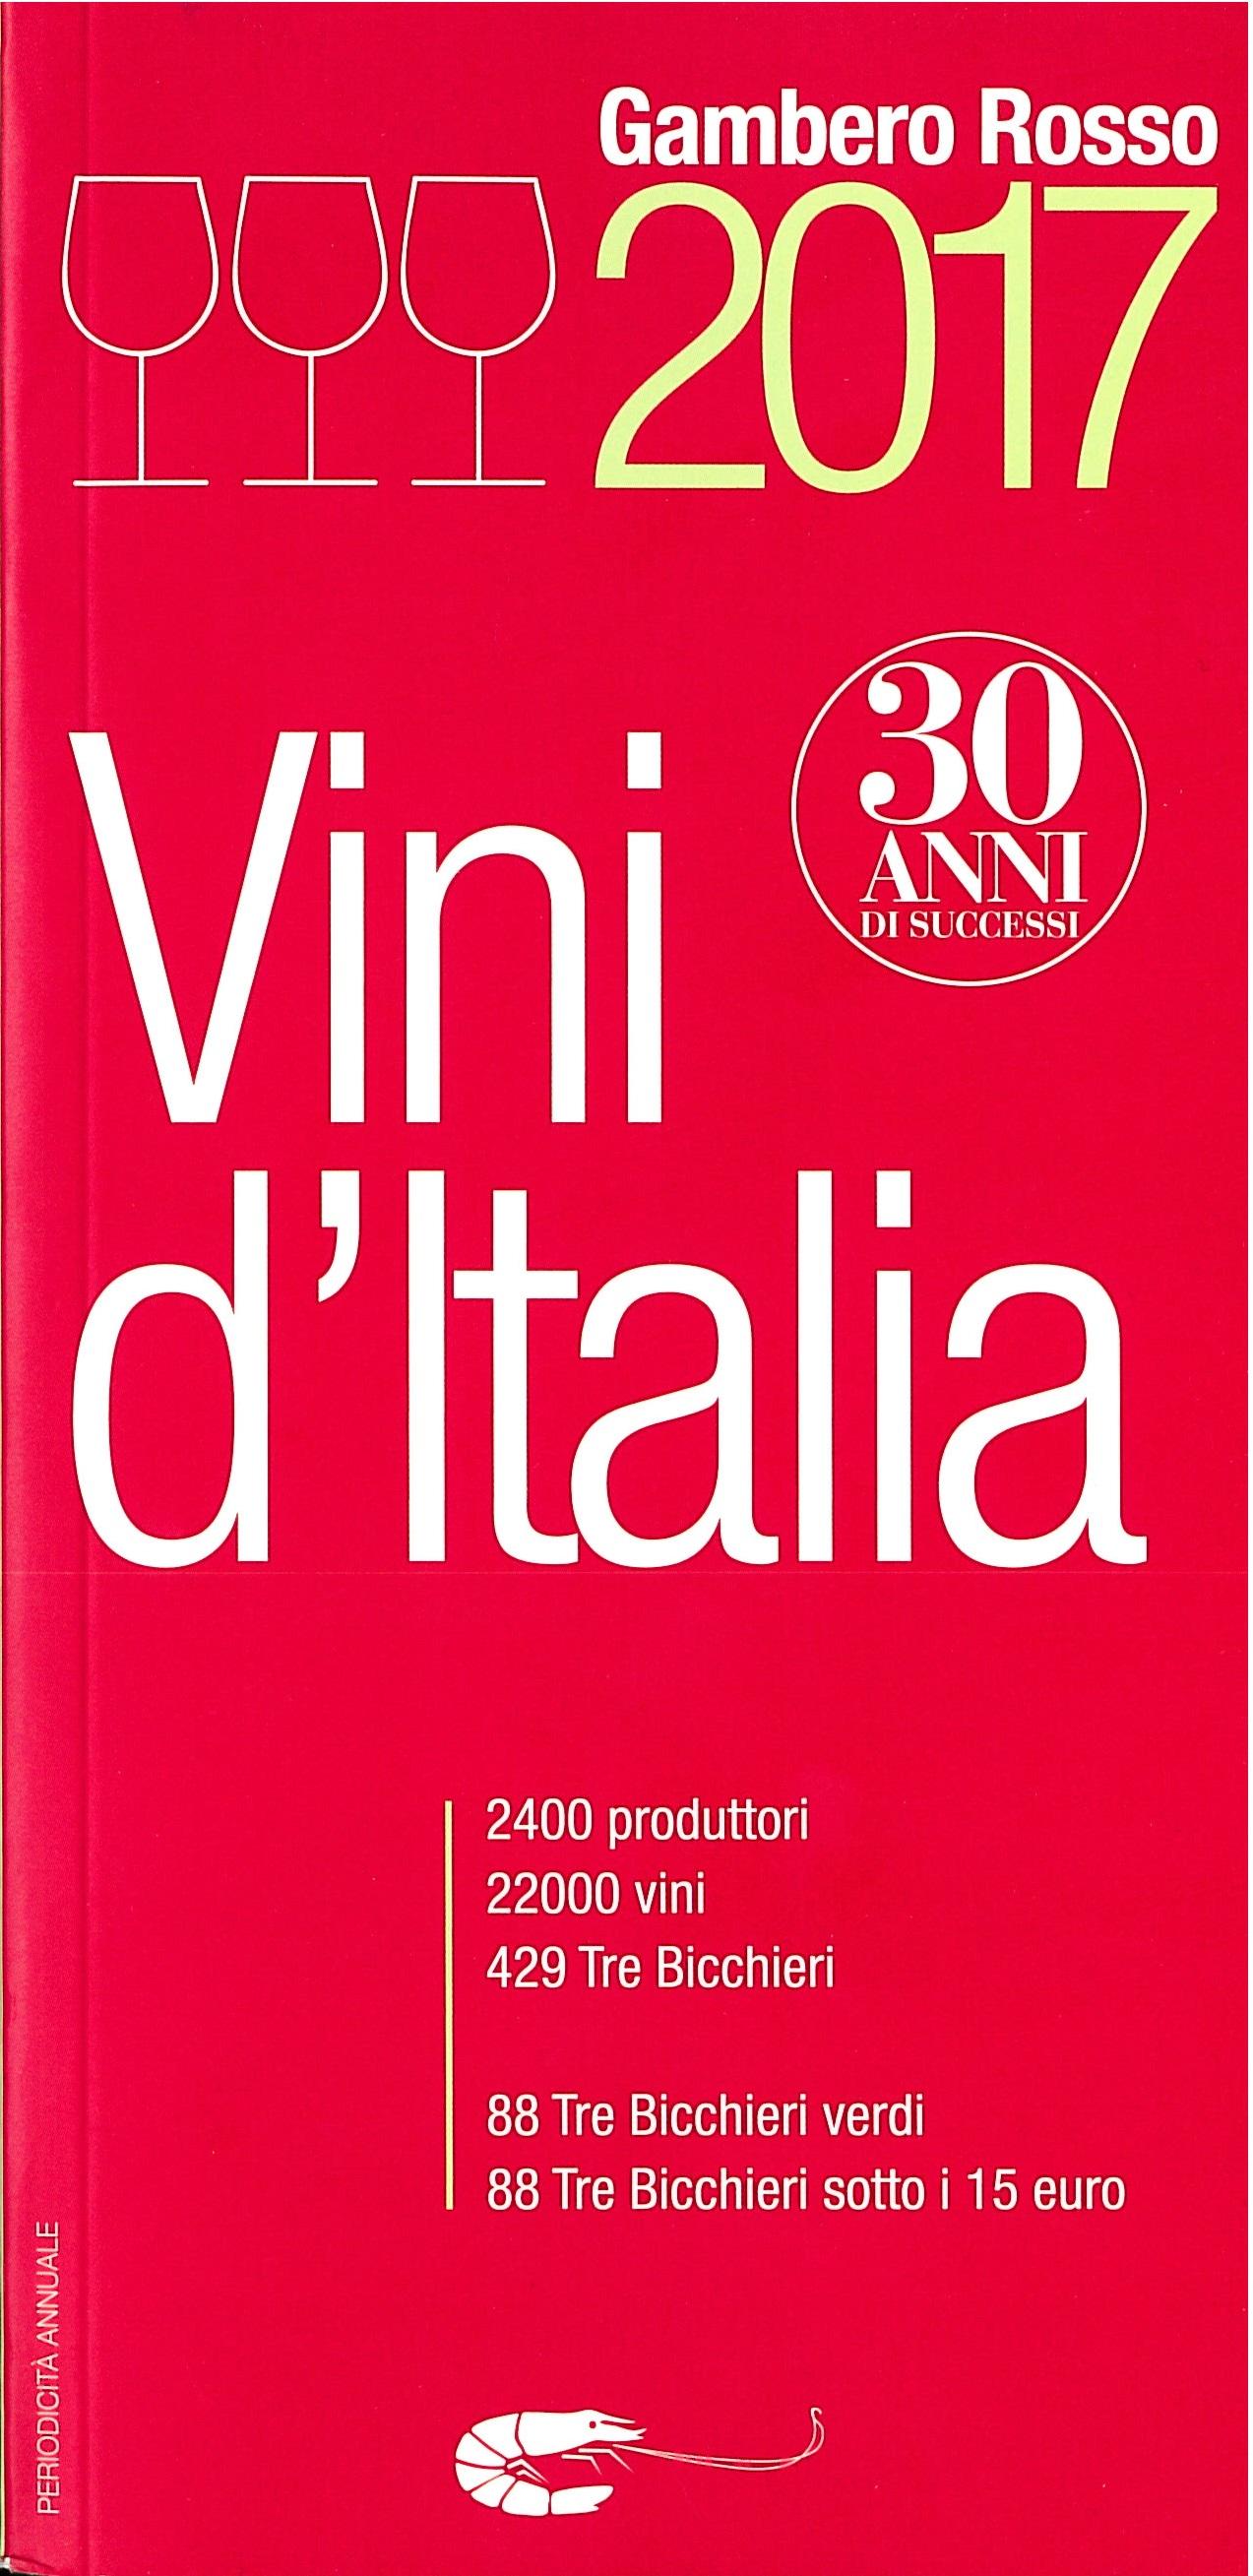 Gambero Rosso_Vini d'Italia_2017_Cover.jpg